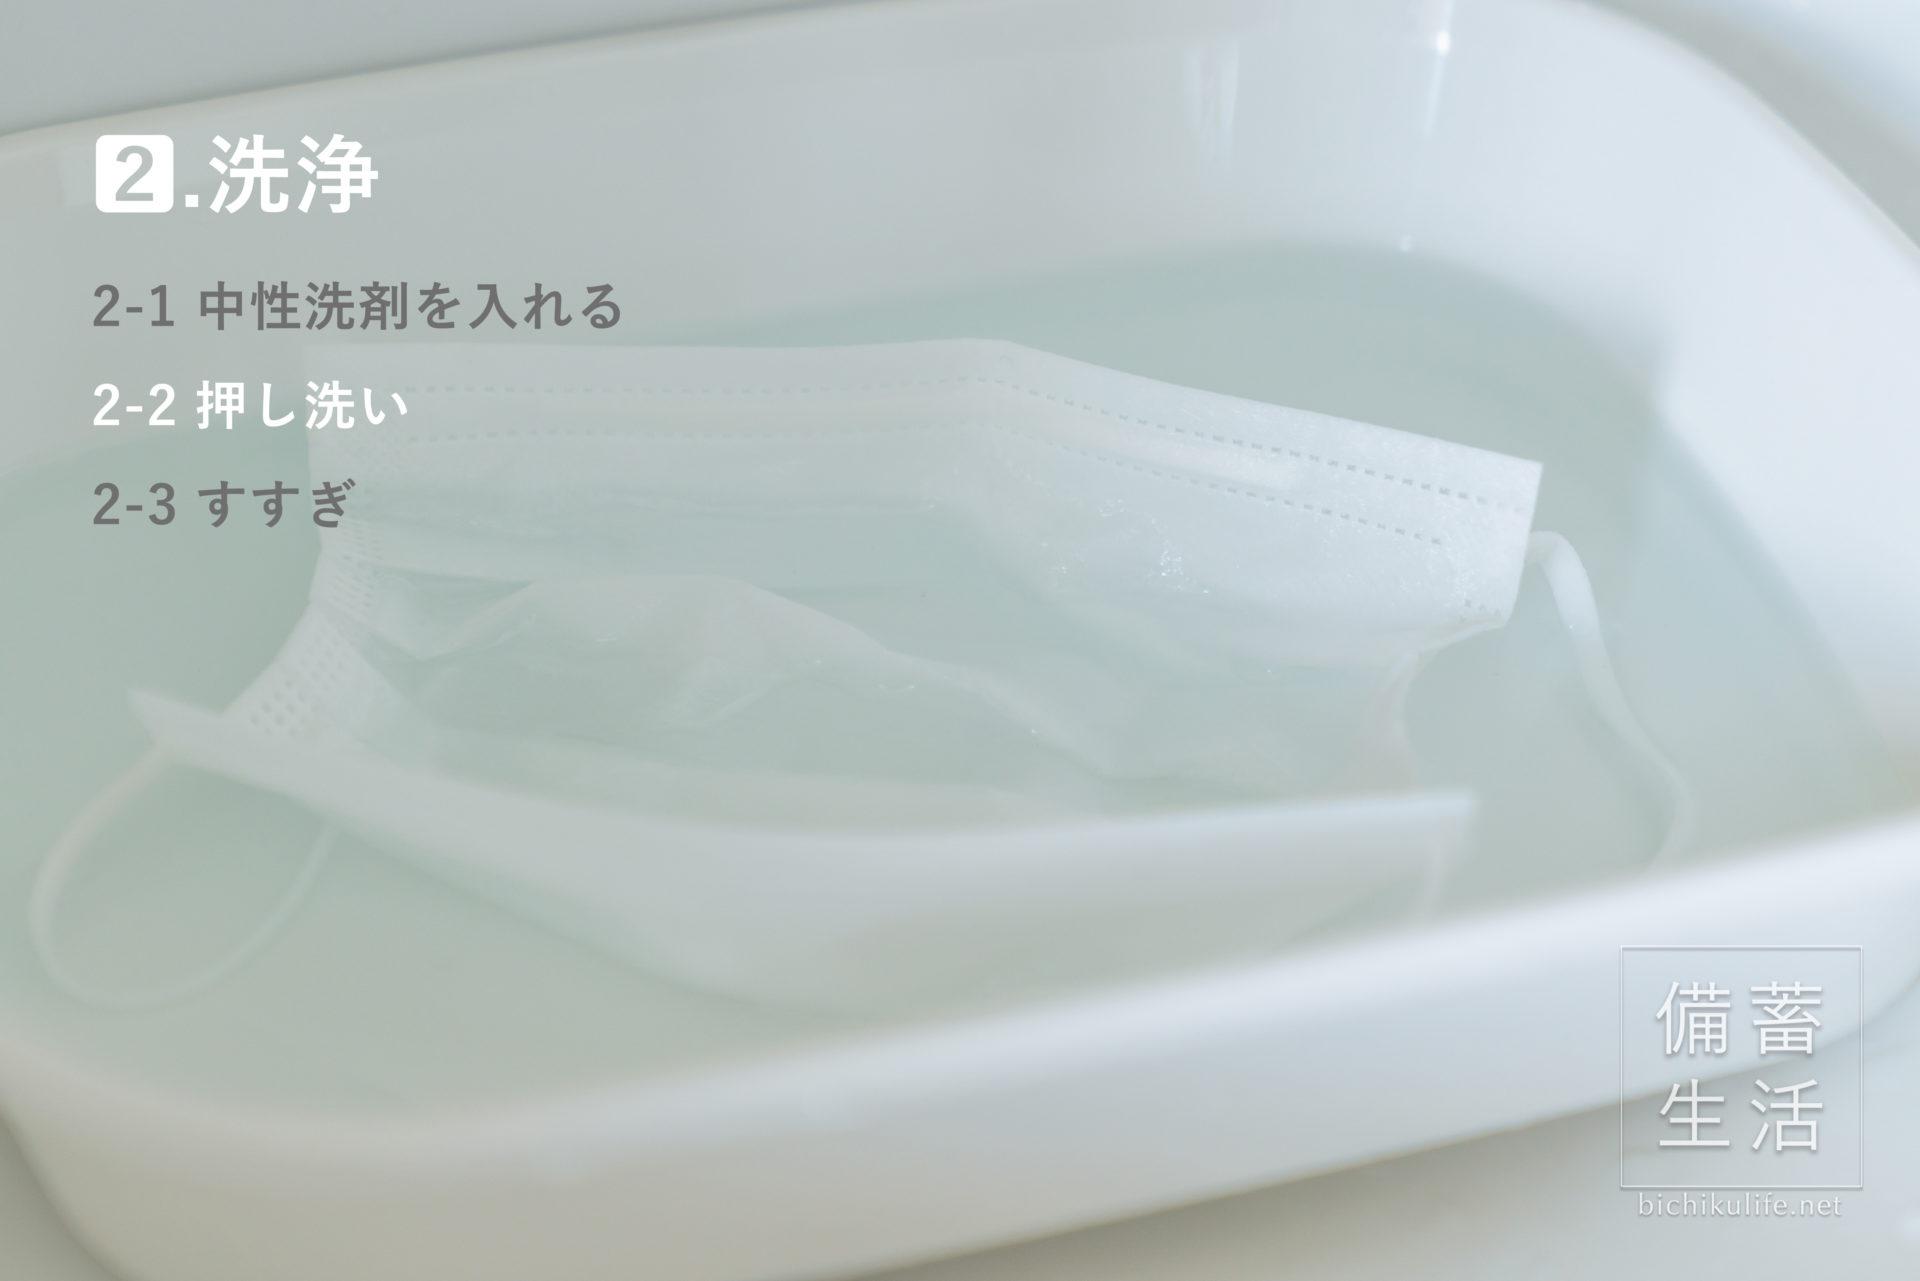 不織布マスクの洗濯方法 2.洗浄 2-2 押し洗い